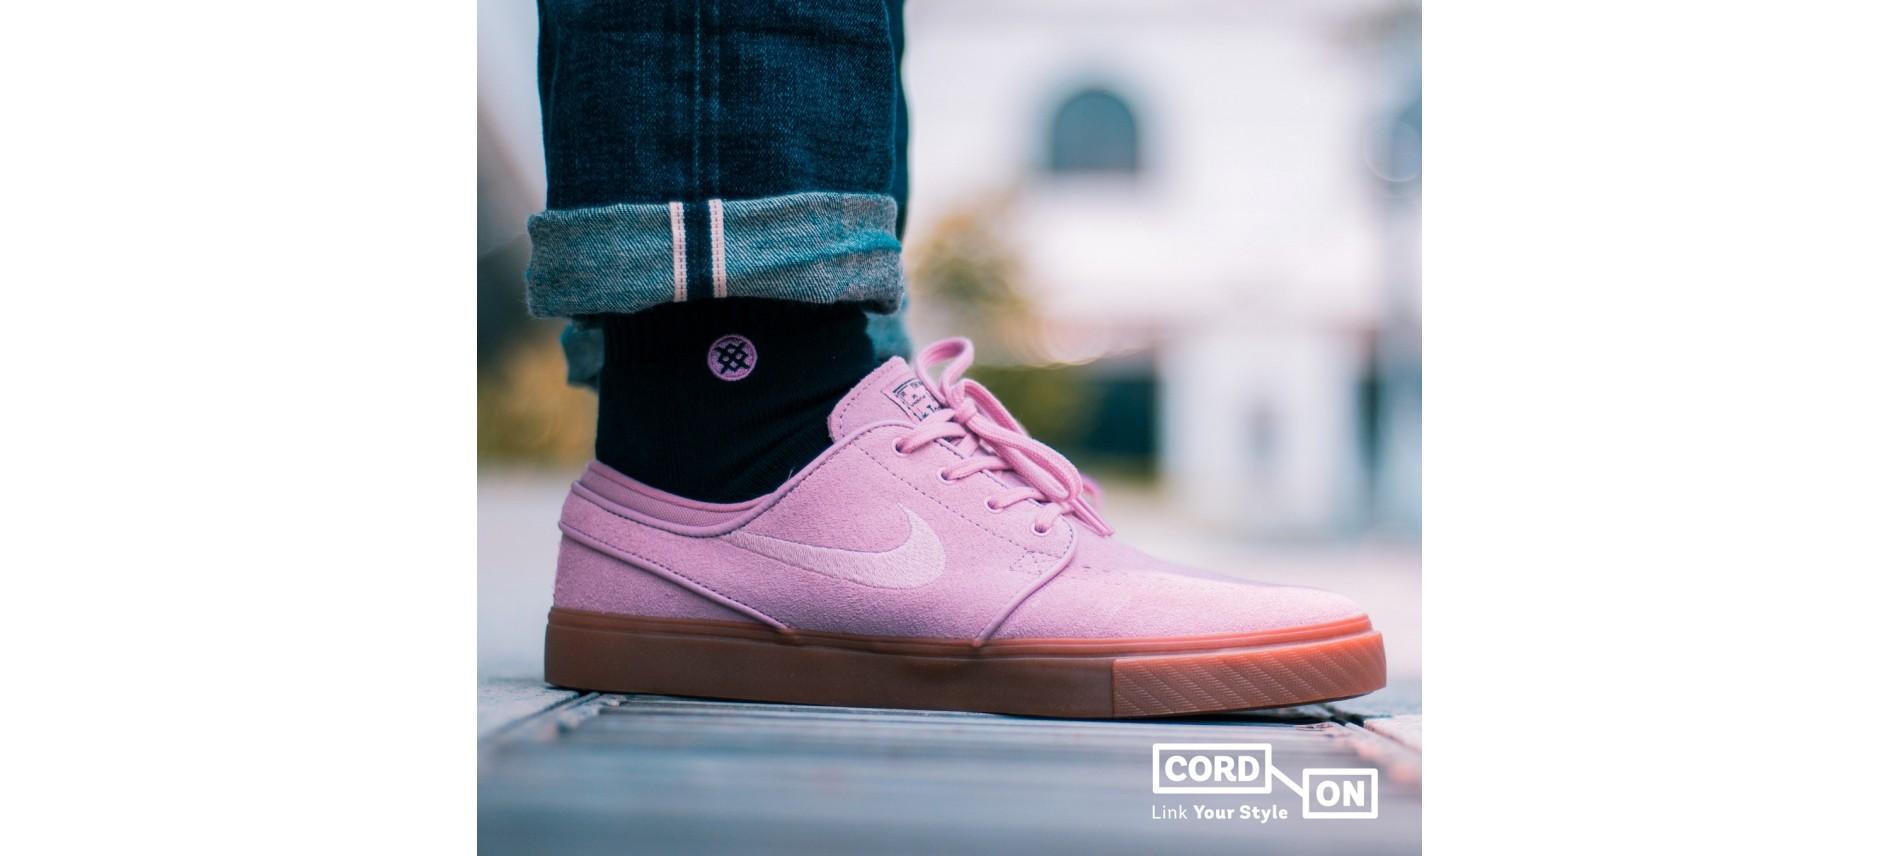 Comprar Cordones para zapatos urbanos   Cord-On Shop